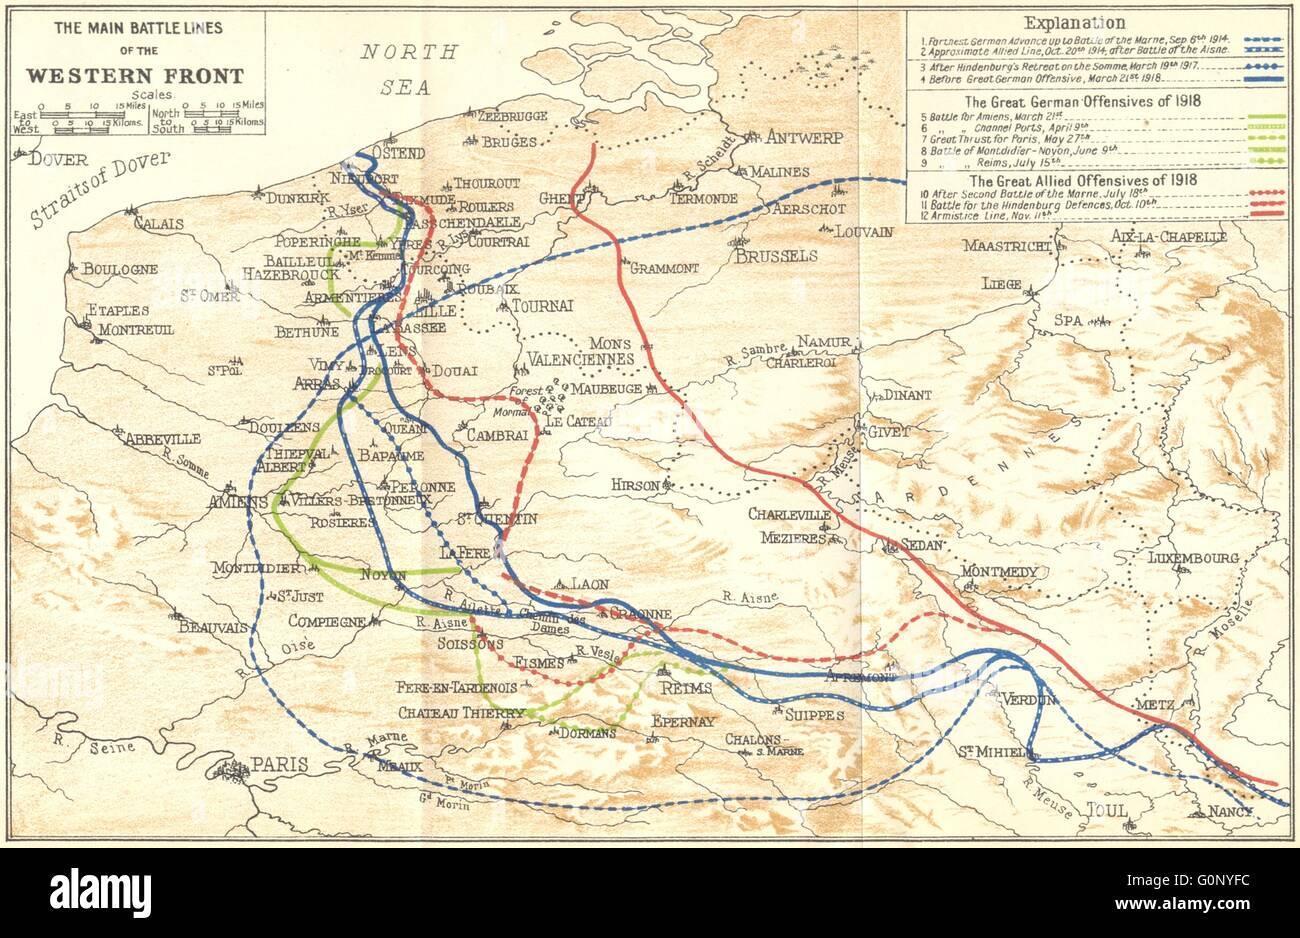 Belgium main battle lines of western front first world war ww1 belgium main battle lines of western front first world war ww1 1924 map gumiabroncs Gallery